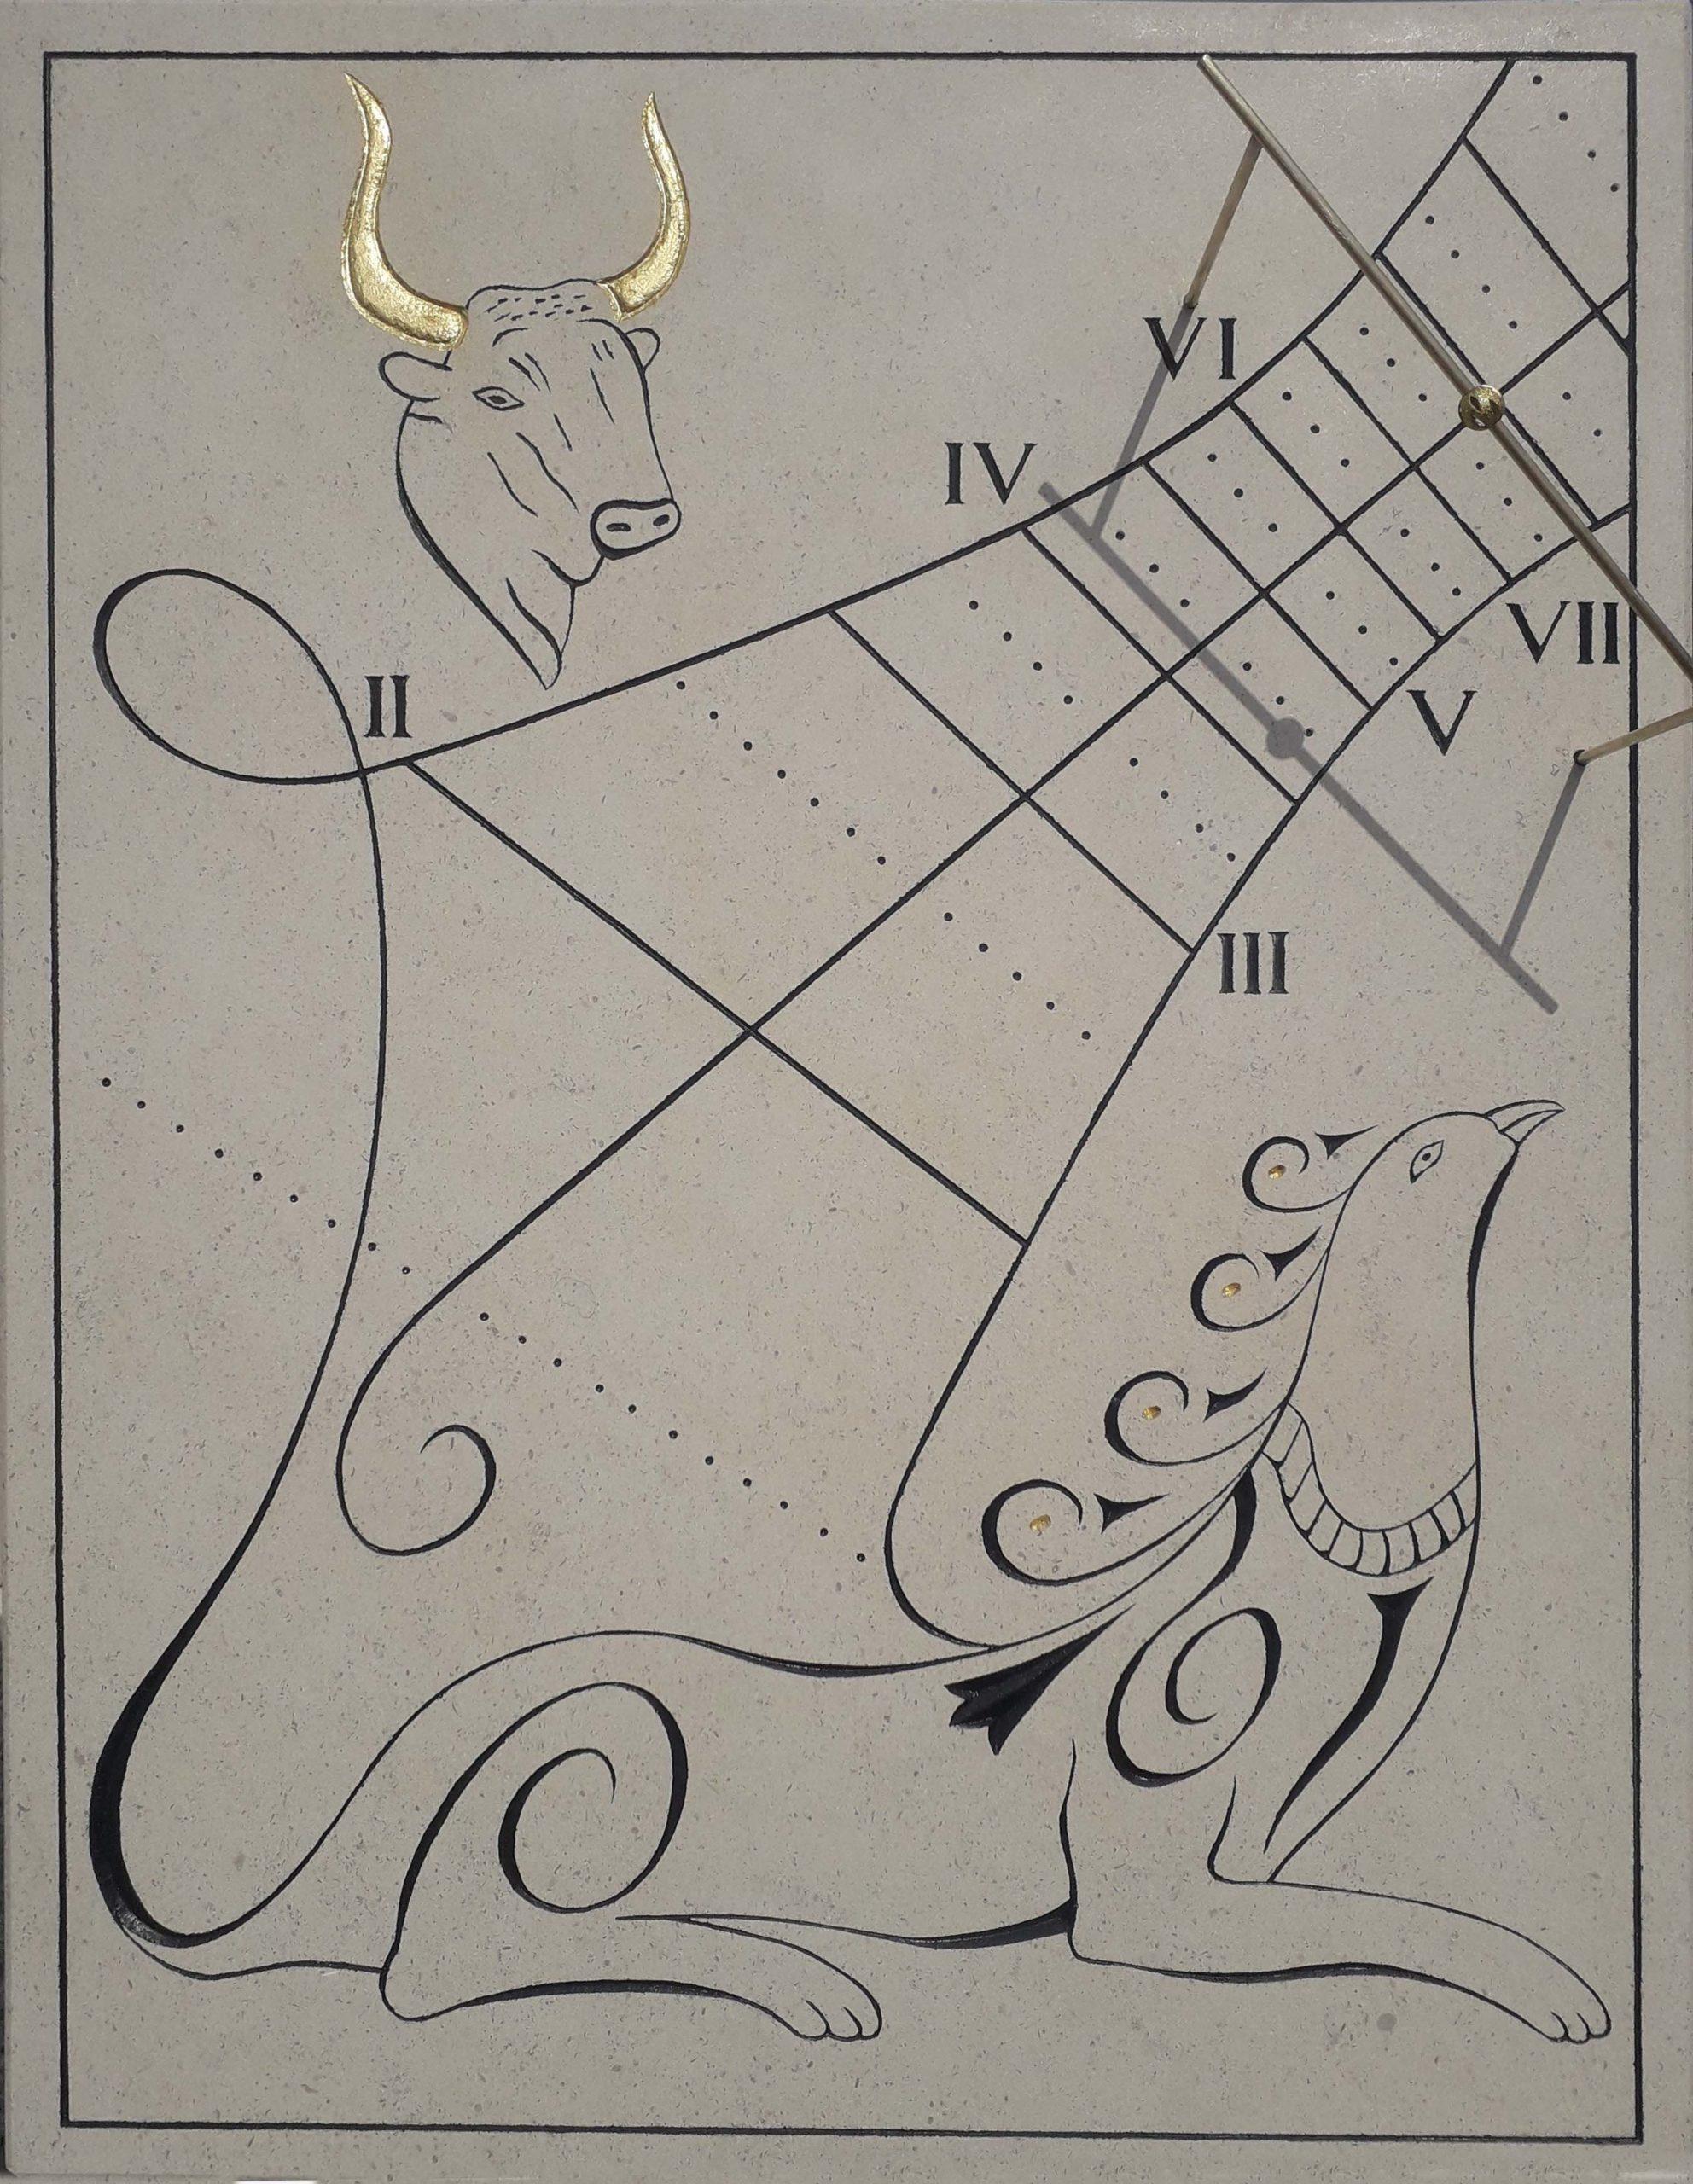 Cadran Solaire Taureau / Chimère en pierre de Bourgogne, avec chiffre romains, avec feuille d'or sur les cornes, avec les solstices et équinoxes et avec un style en laiton avec une boule au centre